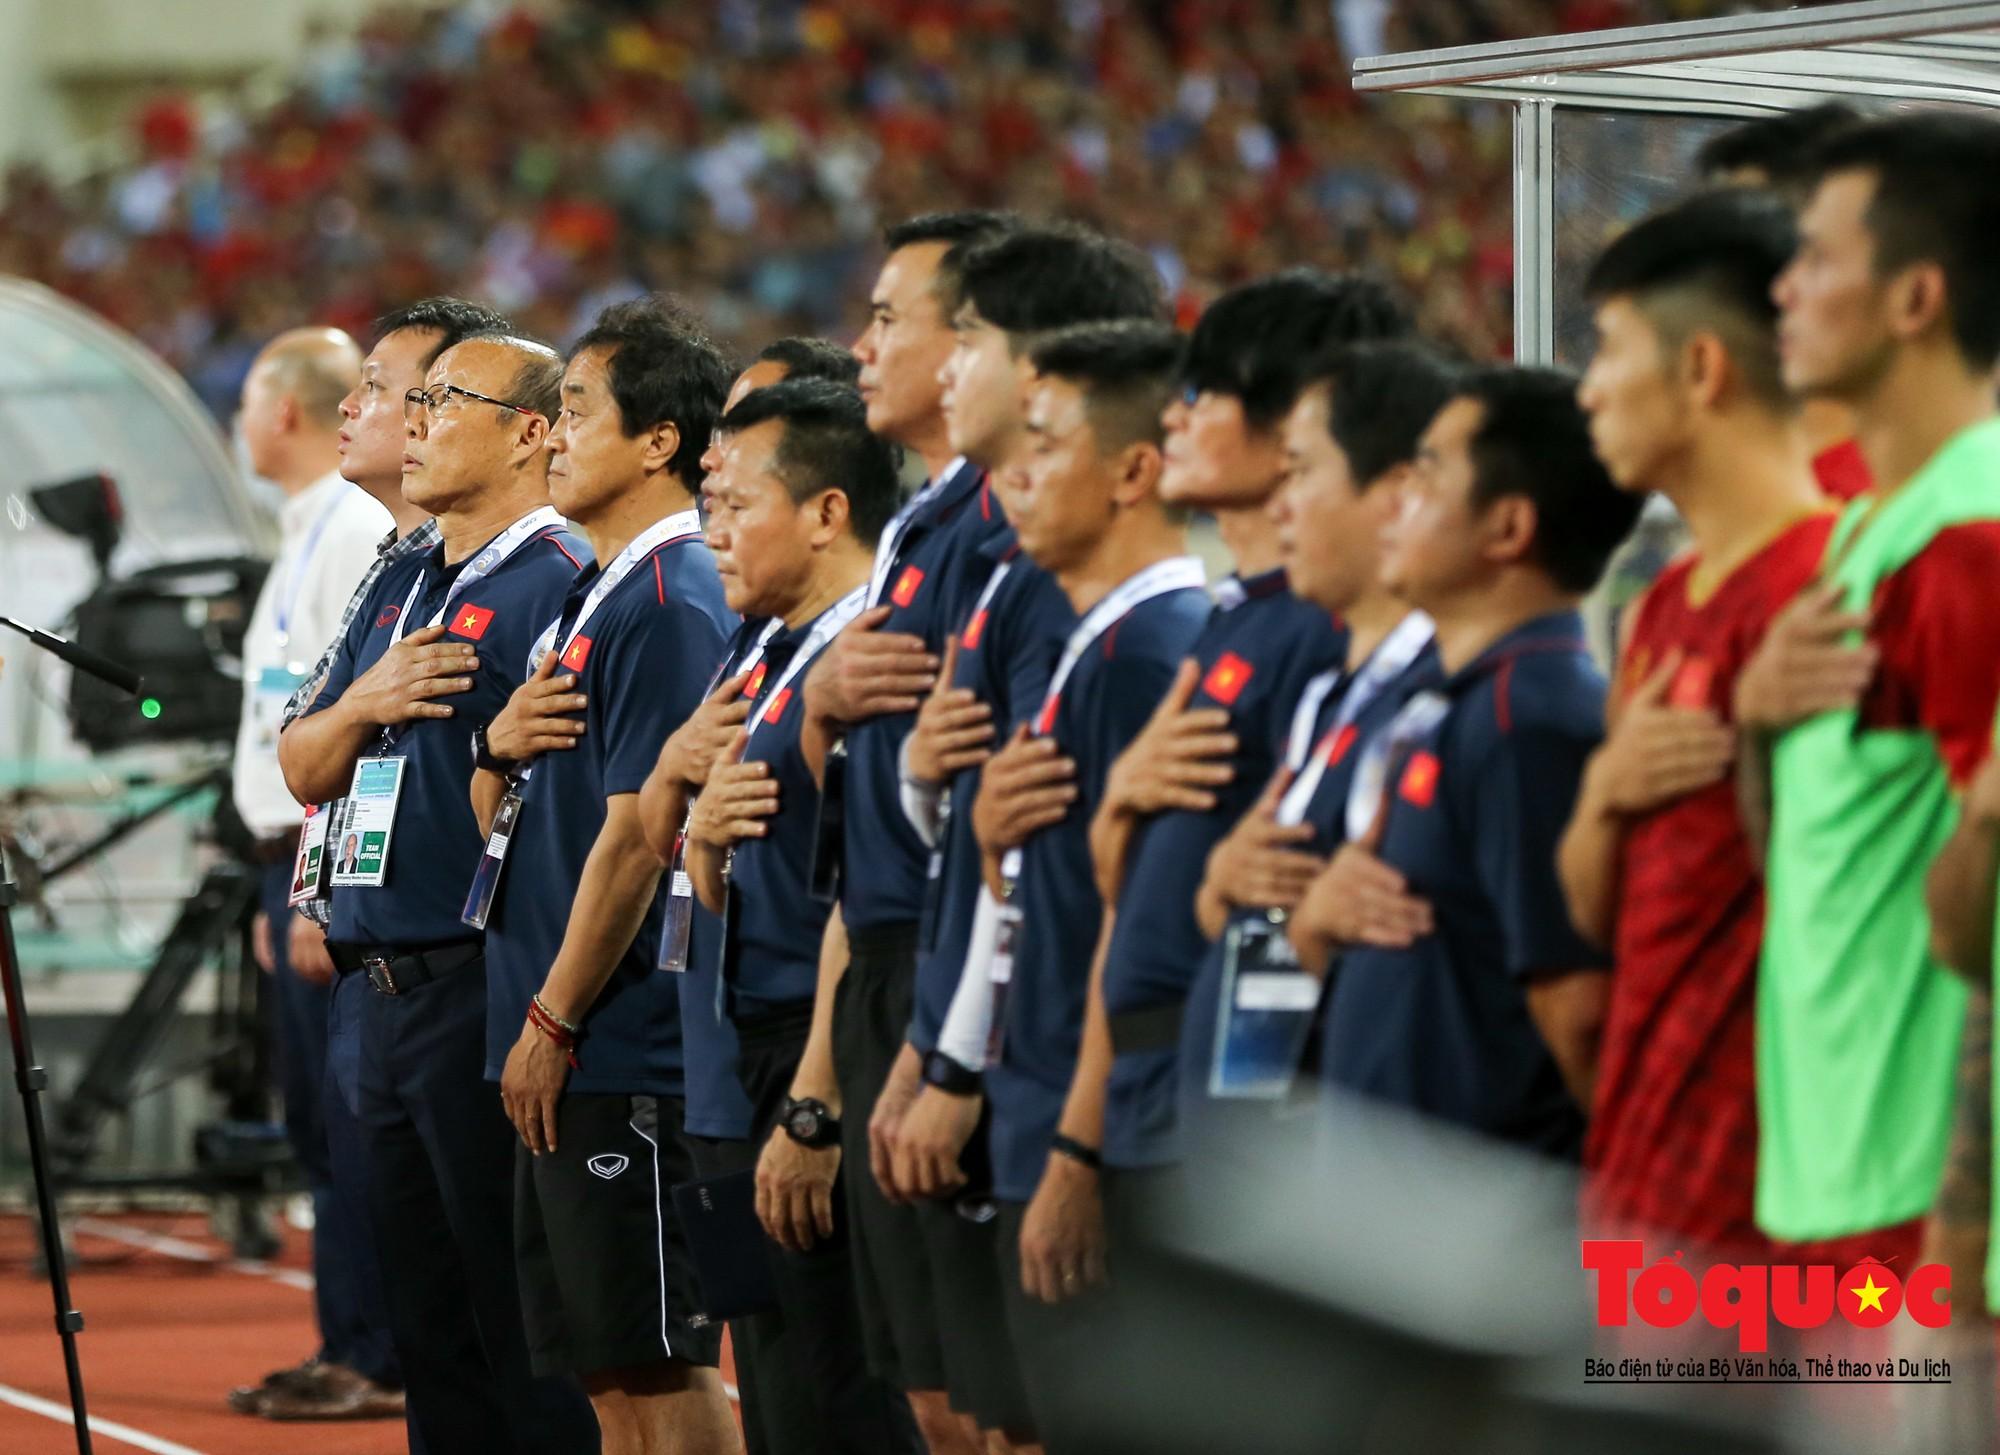 Thủ tướng, Chủ tịch Quốc hội dự khán trận giữa Việt Nam và Malaysia tại vòng loại World Cup 20225